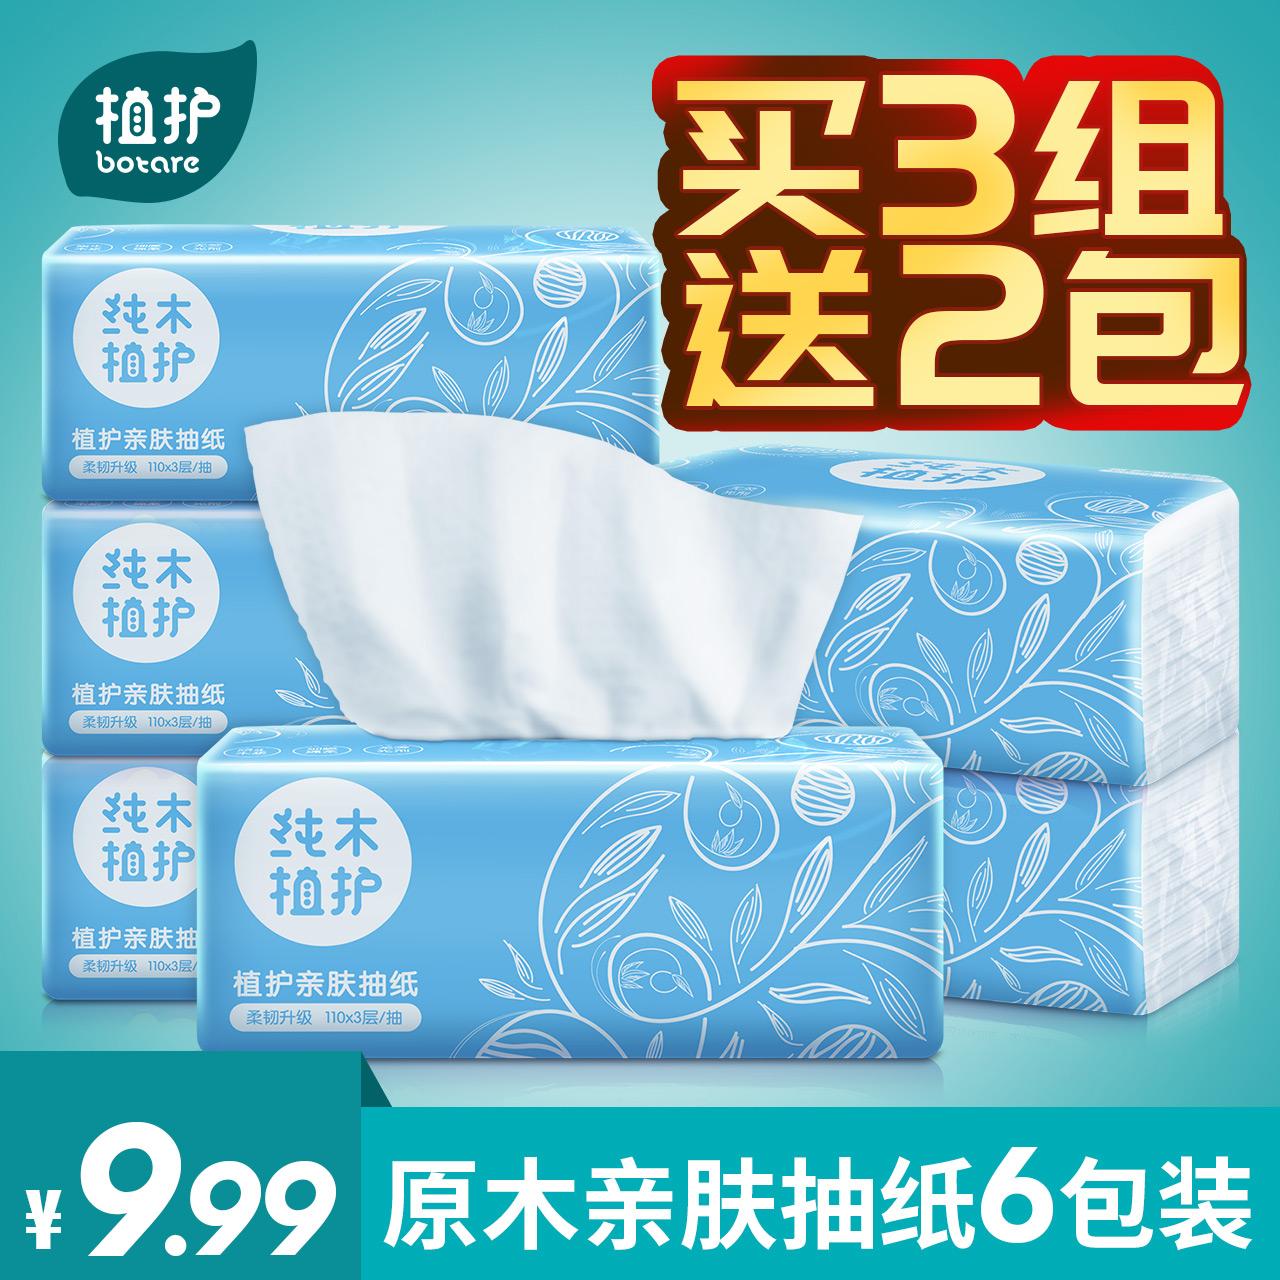 纯木植护抽纸巾6包装餐巾纸卫生纸抽9.9元/10元以下特价促销包邮